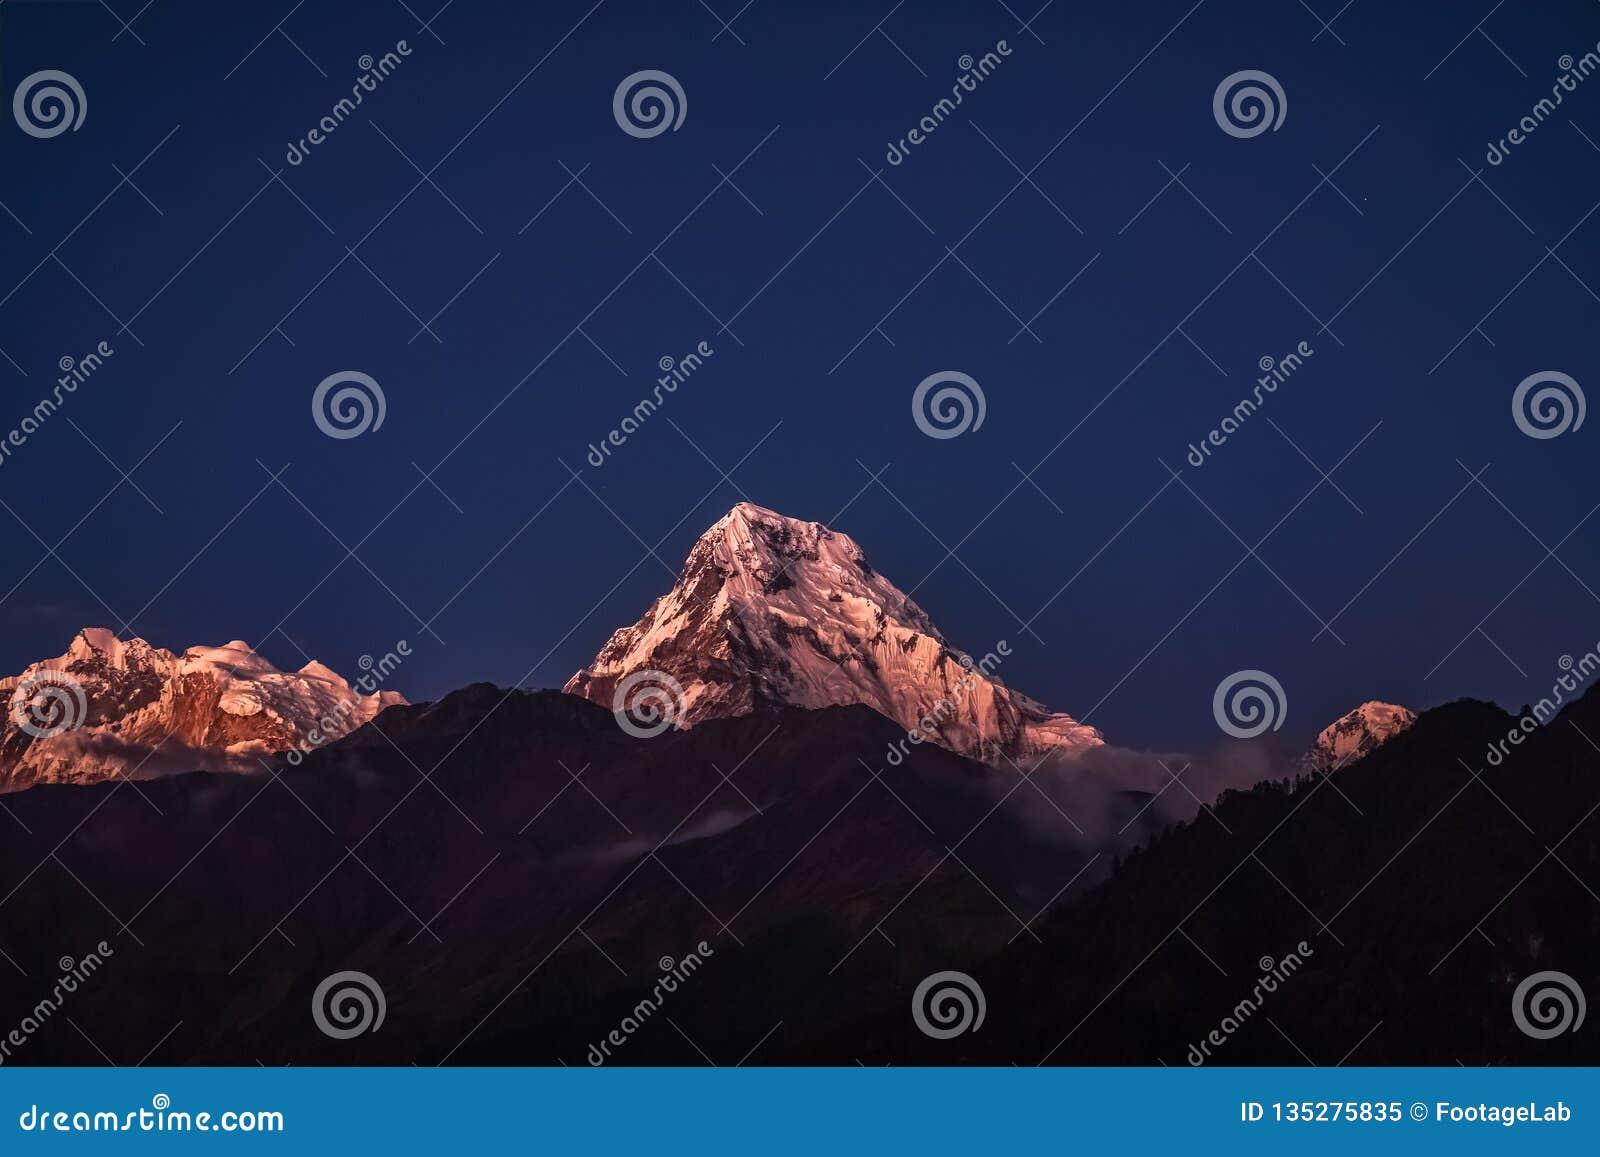 Śniegu szczyt Annapurna Halny Jarzyć się przy blask księżyca przy nocą w himalajach w Nepal